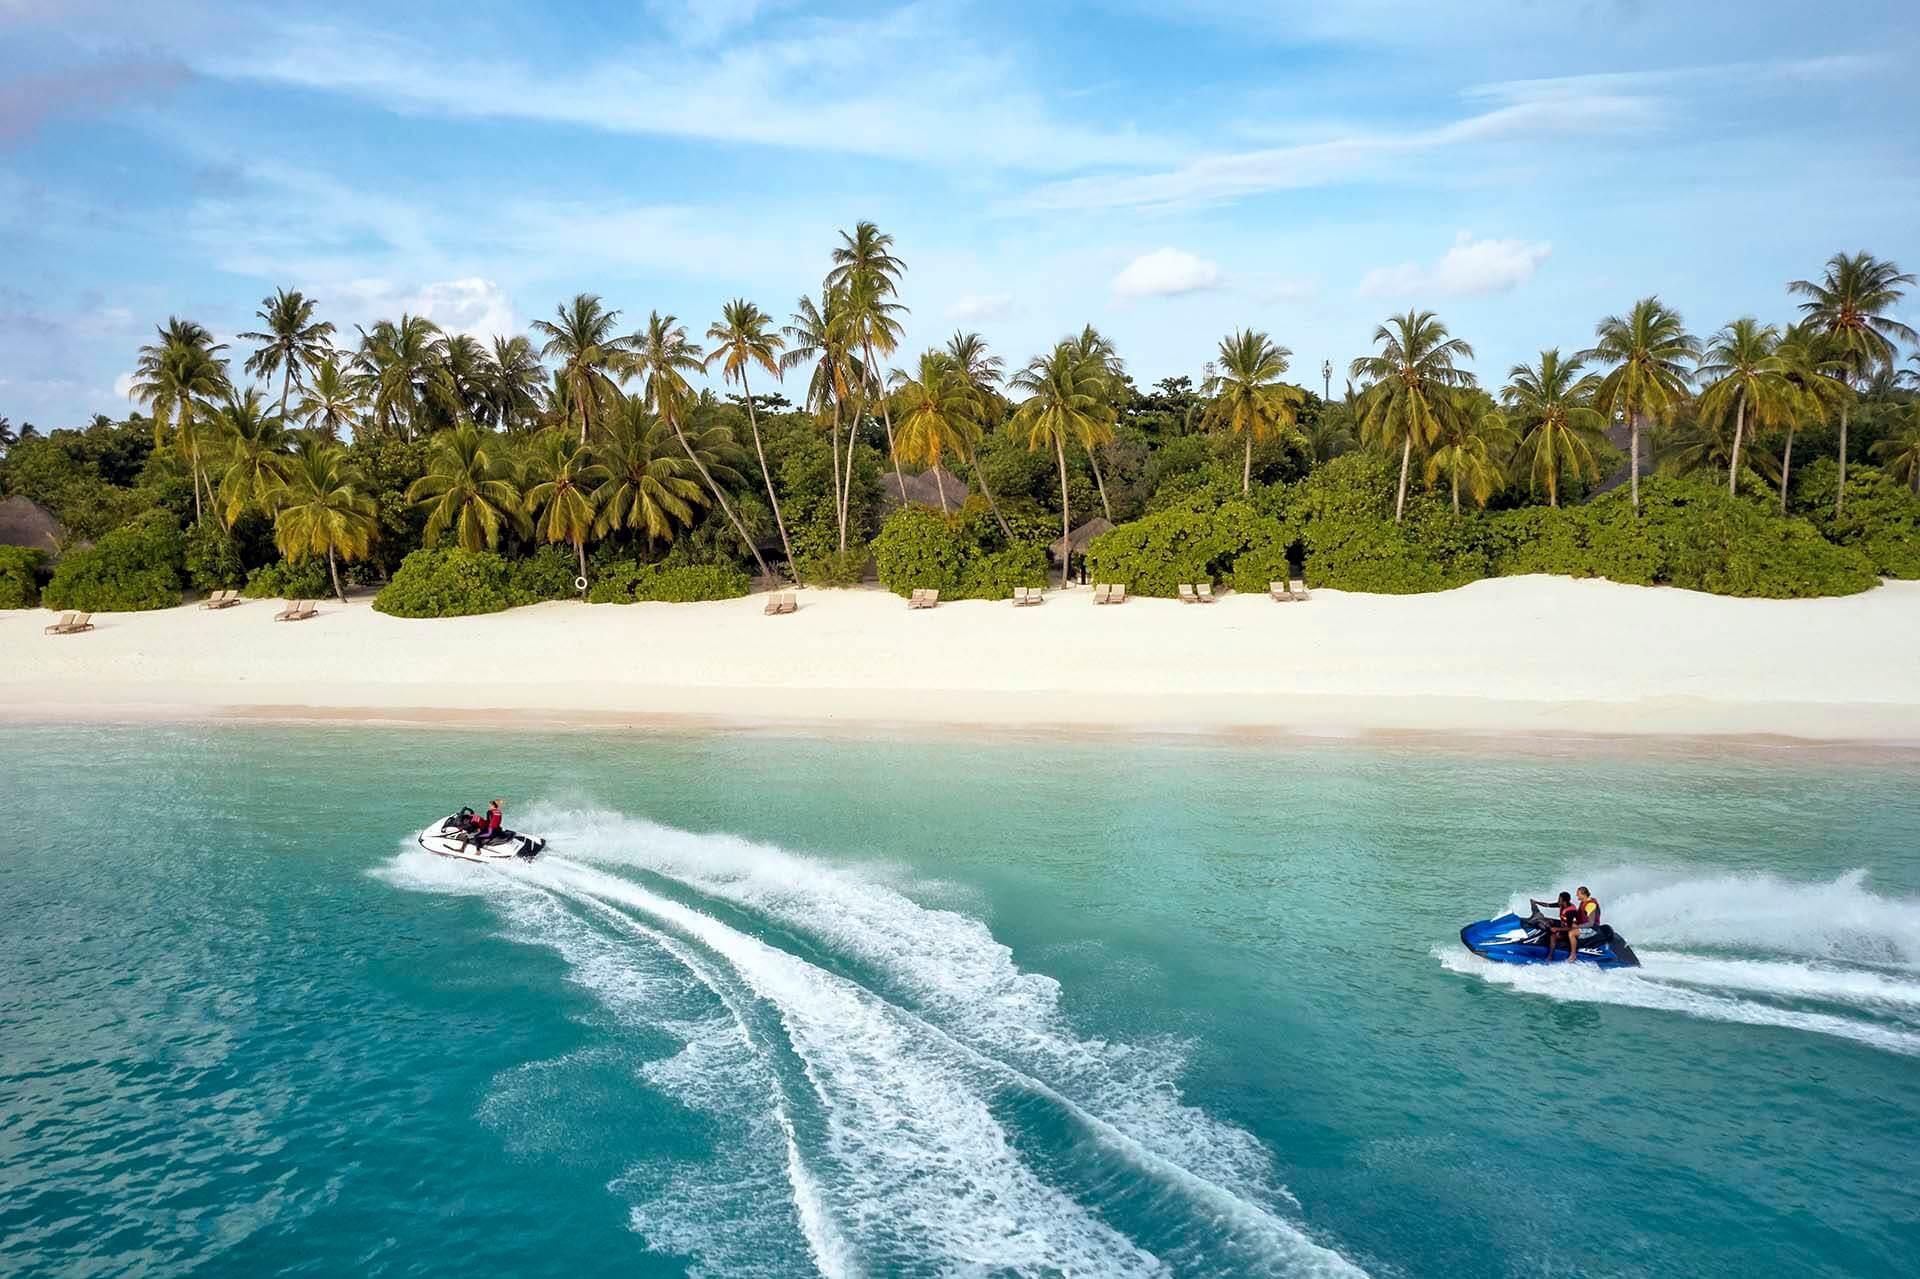 raj na zemlji, klub zdravih navika, kzn, Lifestyle, raj na zemlji klub zdravih navika, raj na zemlji kzn, maldivi, destinacija iz snova, rajska destinacija, egzoticna destinacija, egzoticne plaze, egzoticno ostrvo, popularna destinacija, rajsko ostrvo, ostrvska drzava, tirkizna laguna, prelepe plaze, odmor za porodicu, medeni mesec, vencanje na plazi, ronjenje, vodeni sportovi, podvodni svet, odmor iz snova, plaze iz snova, razglednica, putovanja, travel blog, travel boutique, Iceberg Salat Centar